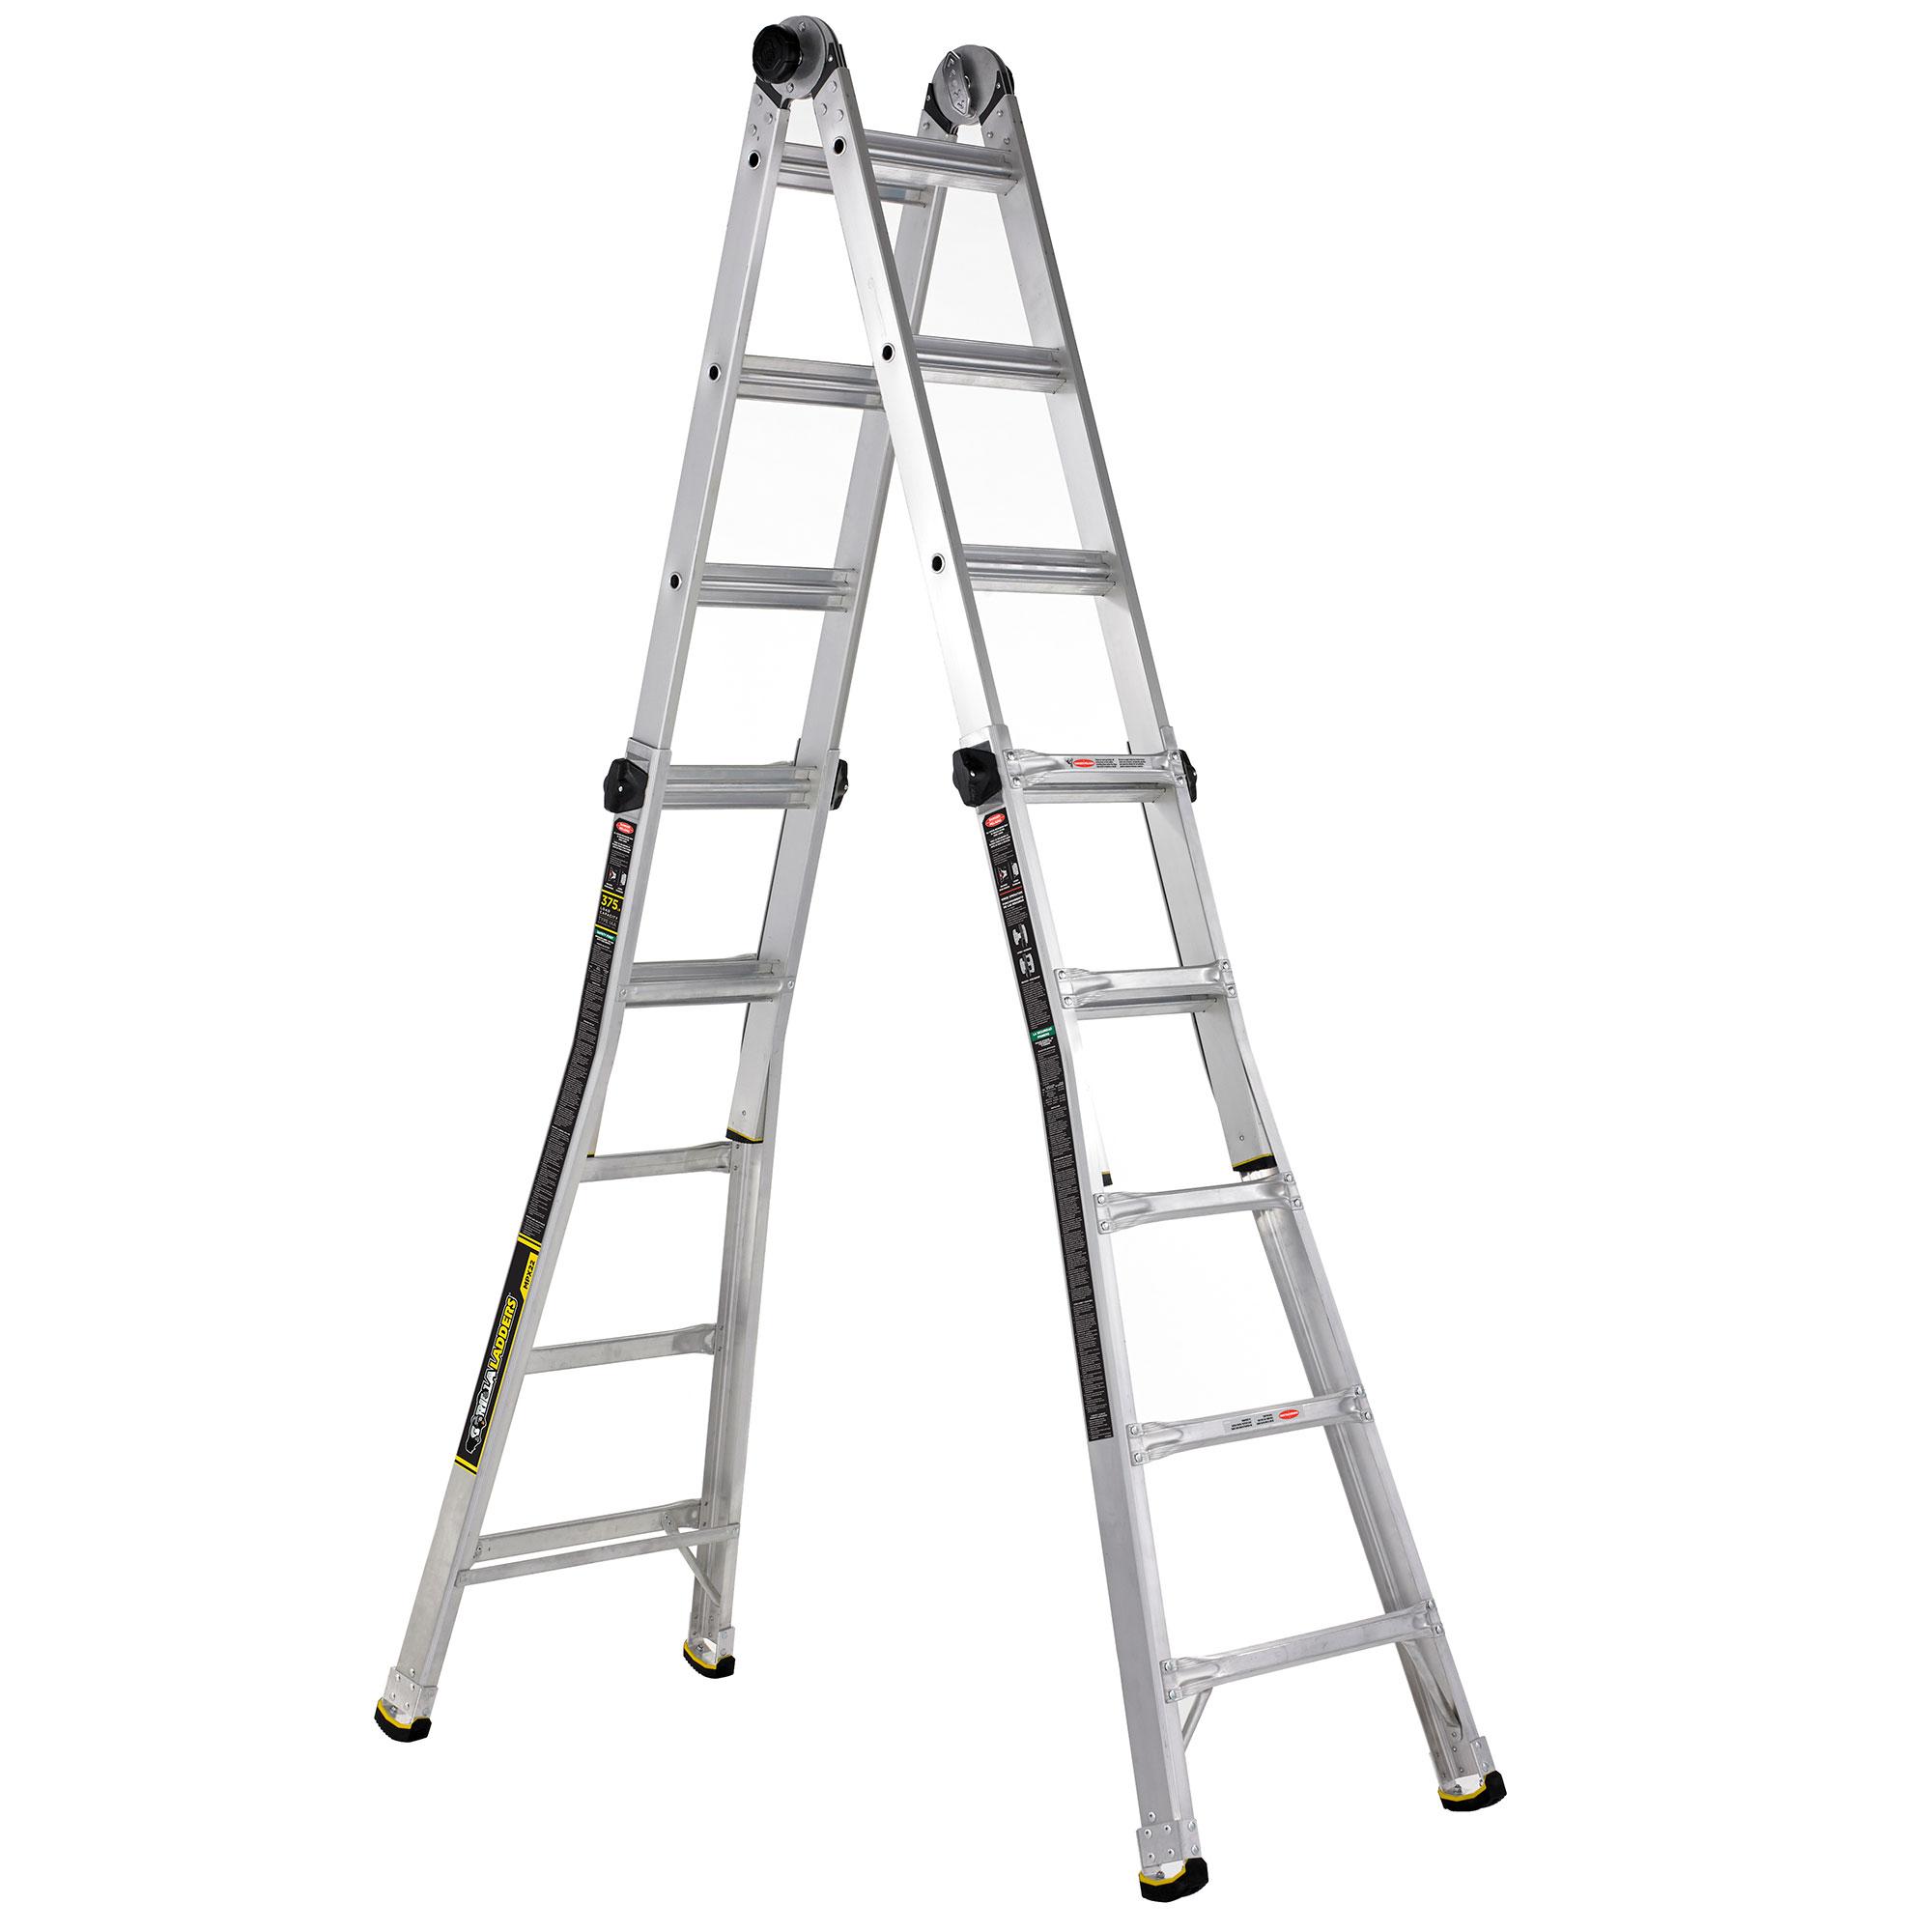 16 Foot Ladder Home Depot